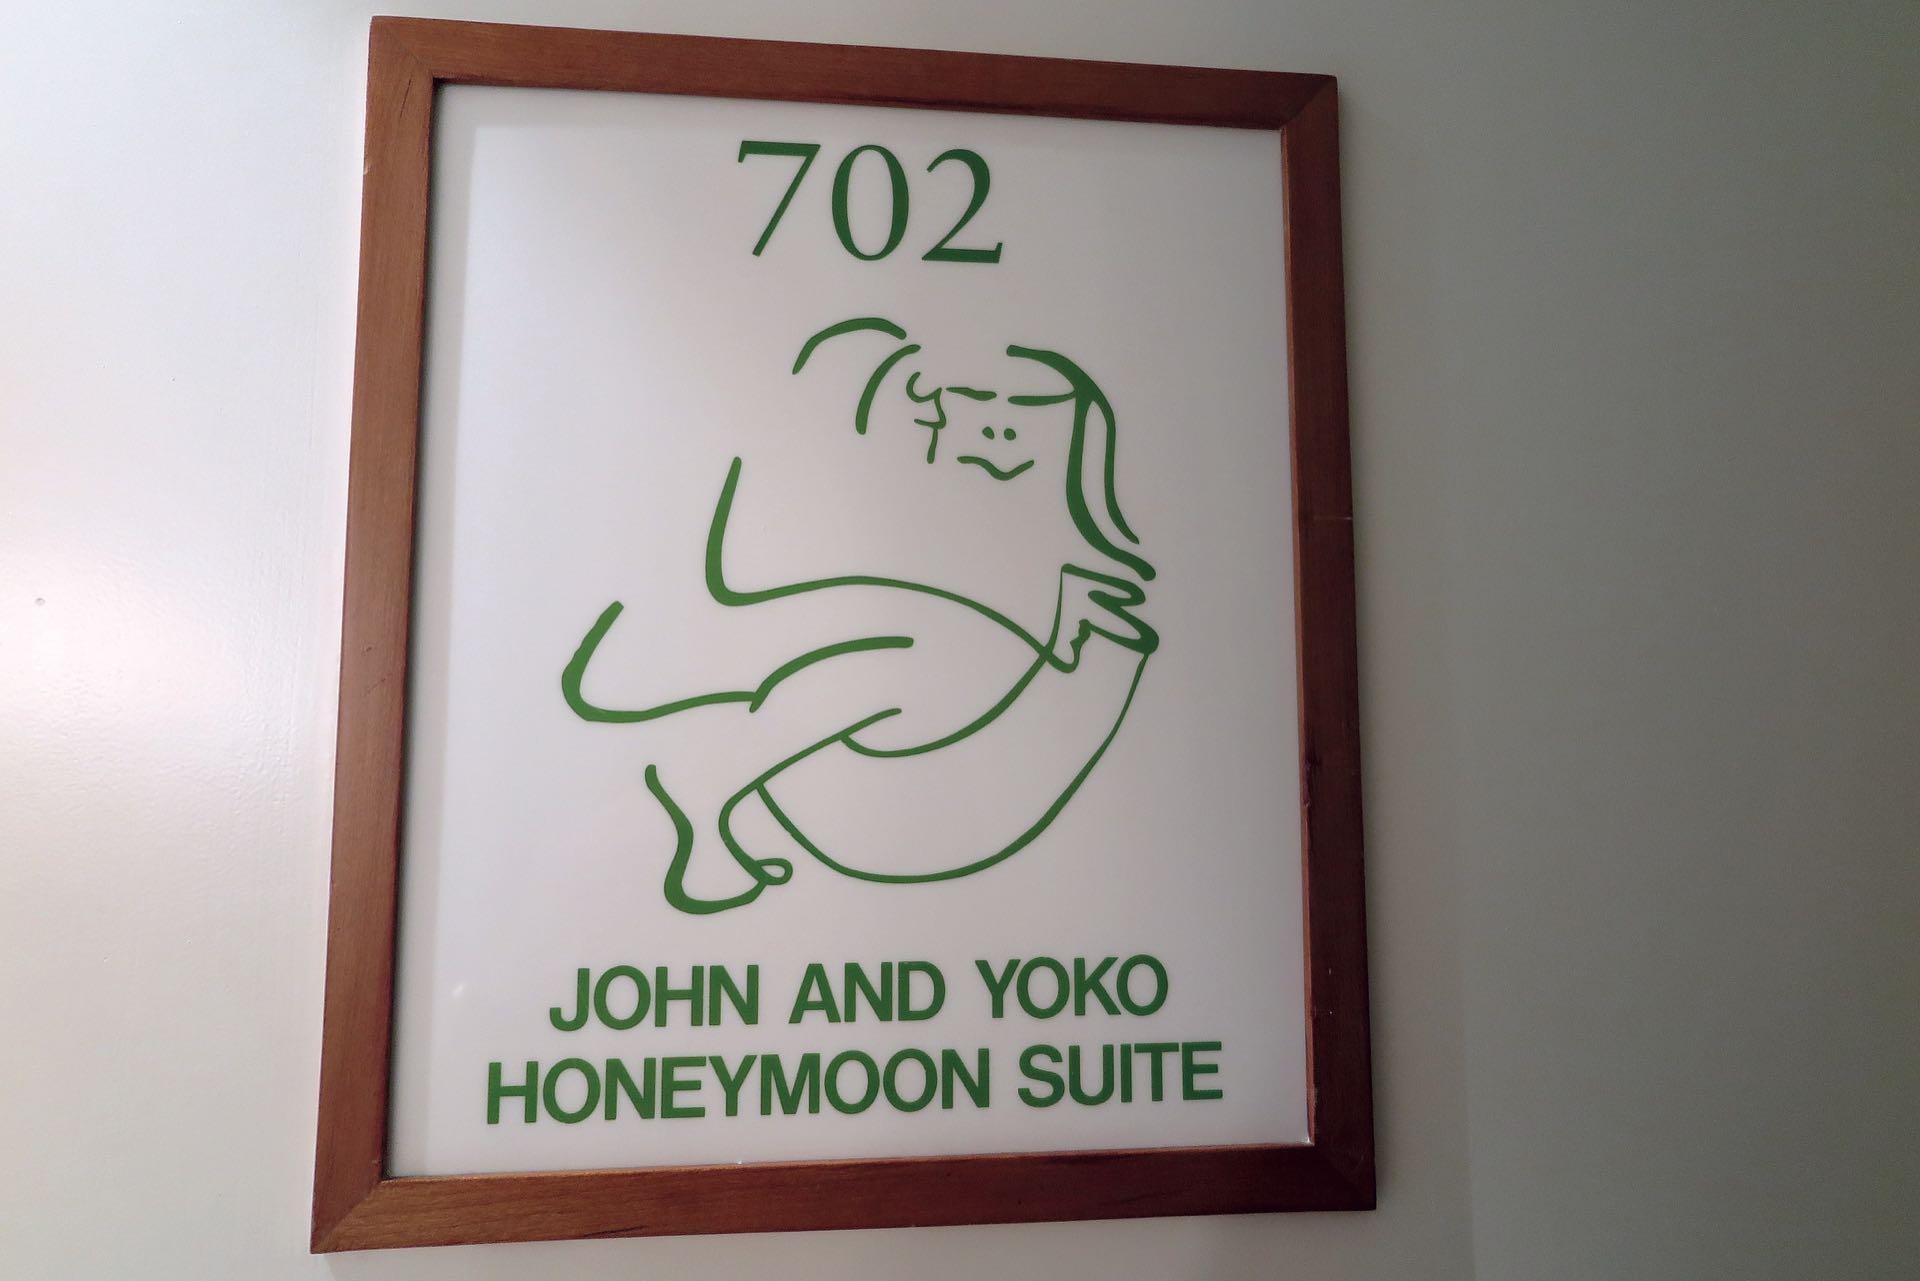 La ex suite 902 (ahora convertida en 702).